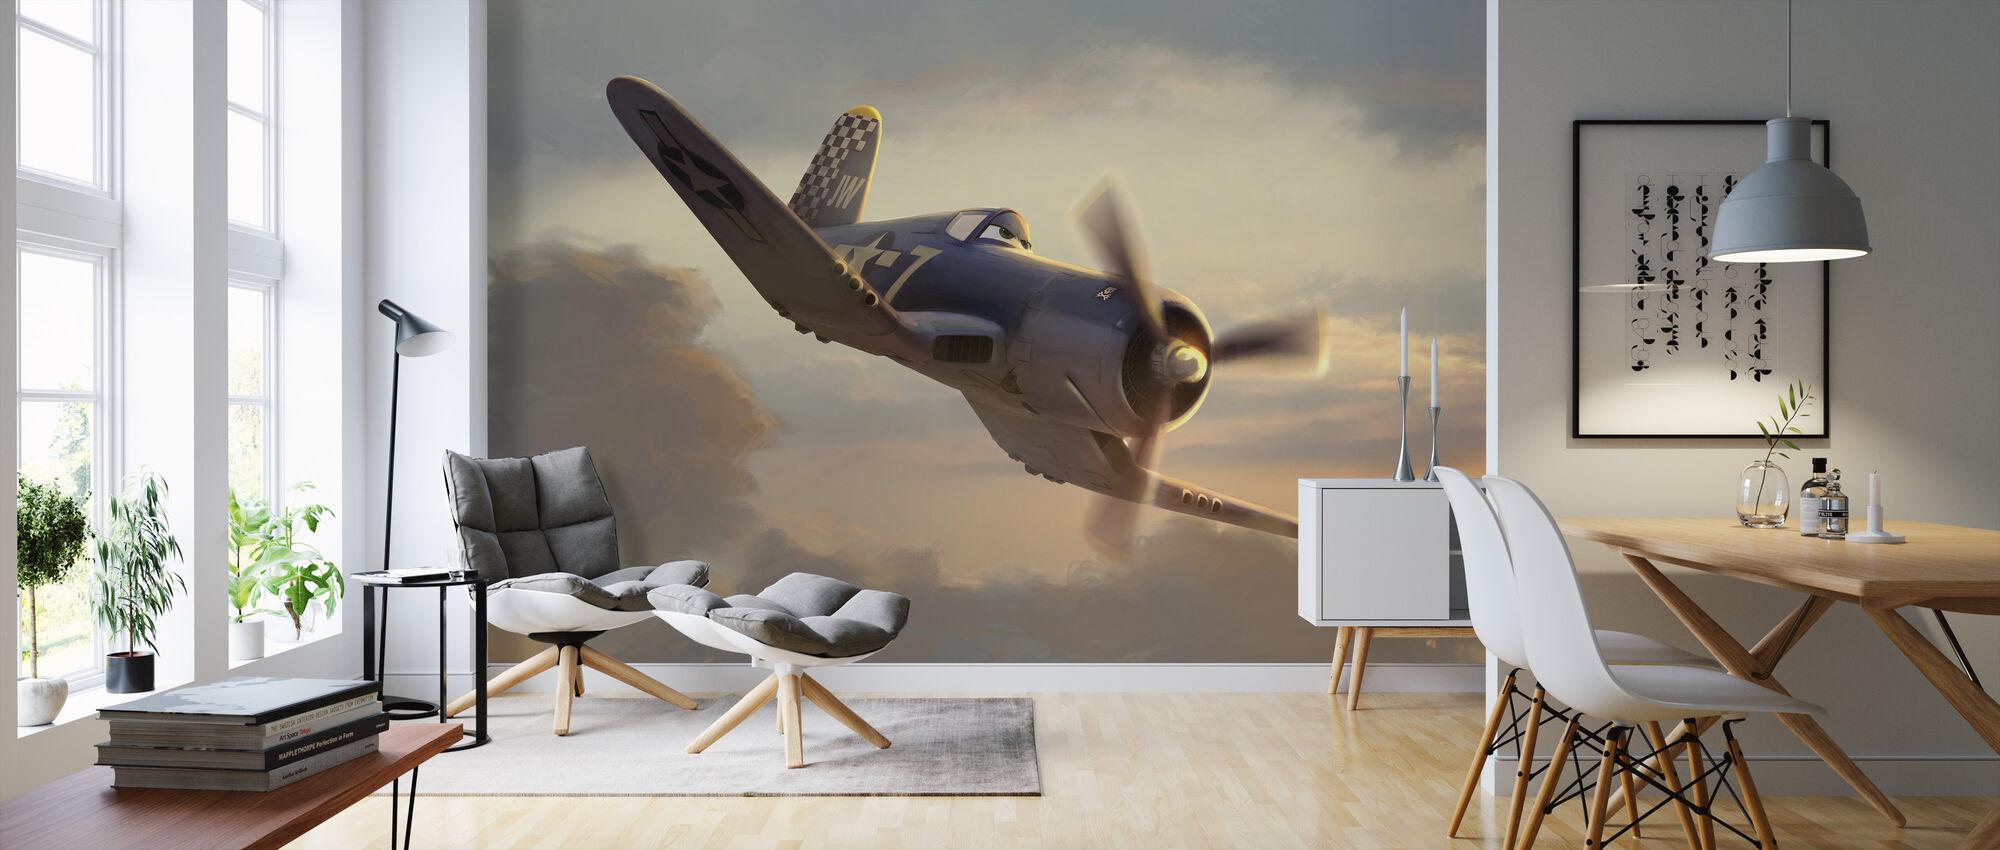 Fly - Skipper en solnedgang - Tapet - Stue